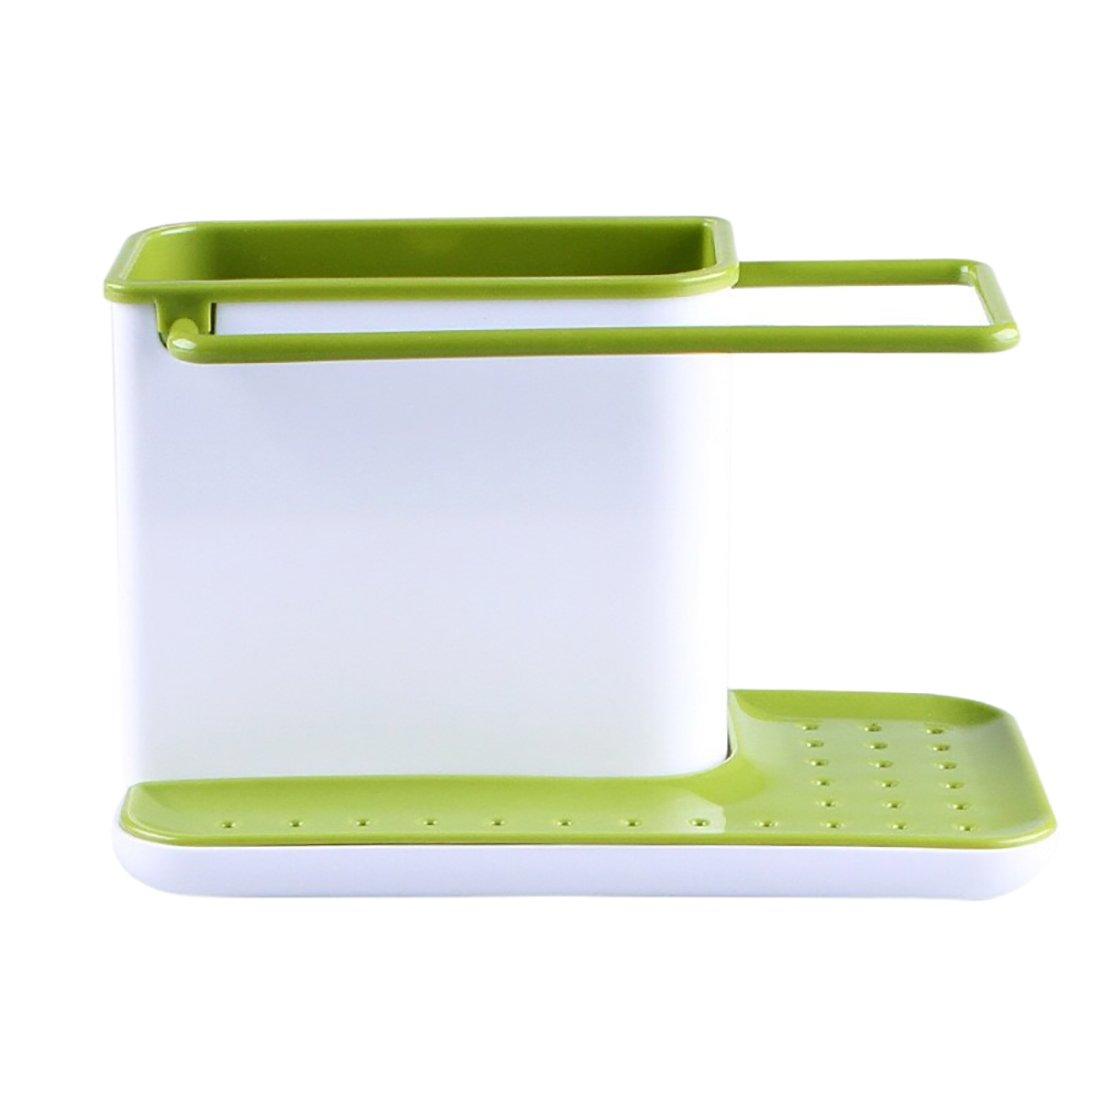 Sink Caddy Kitchen Sink Organizer Sponge Holder Dishwasher-Safe (Light green) AlenX